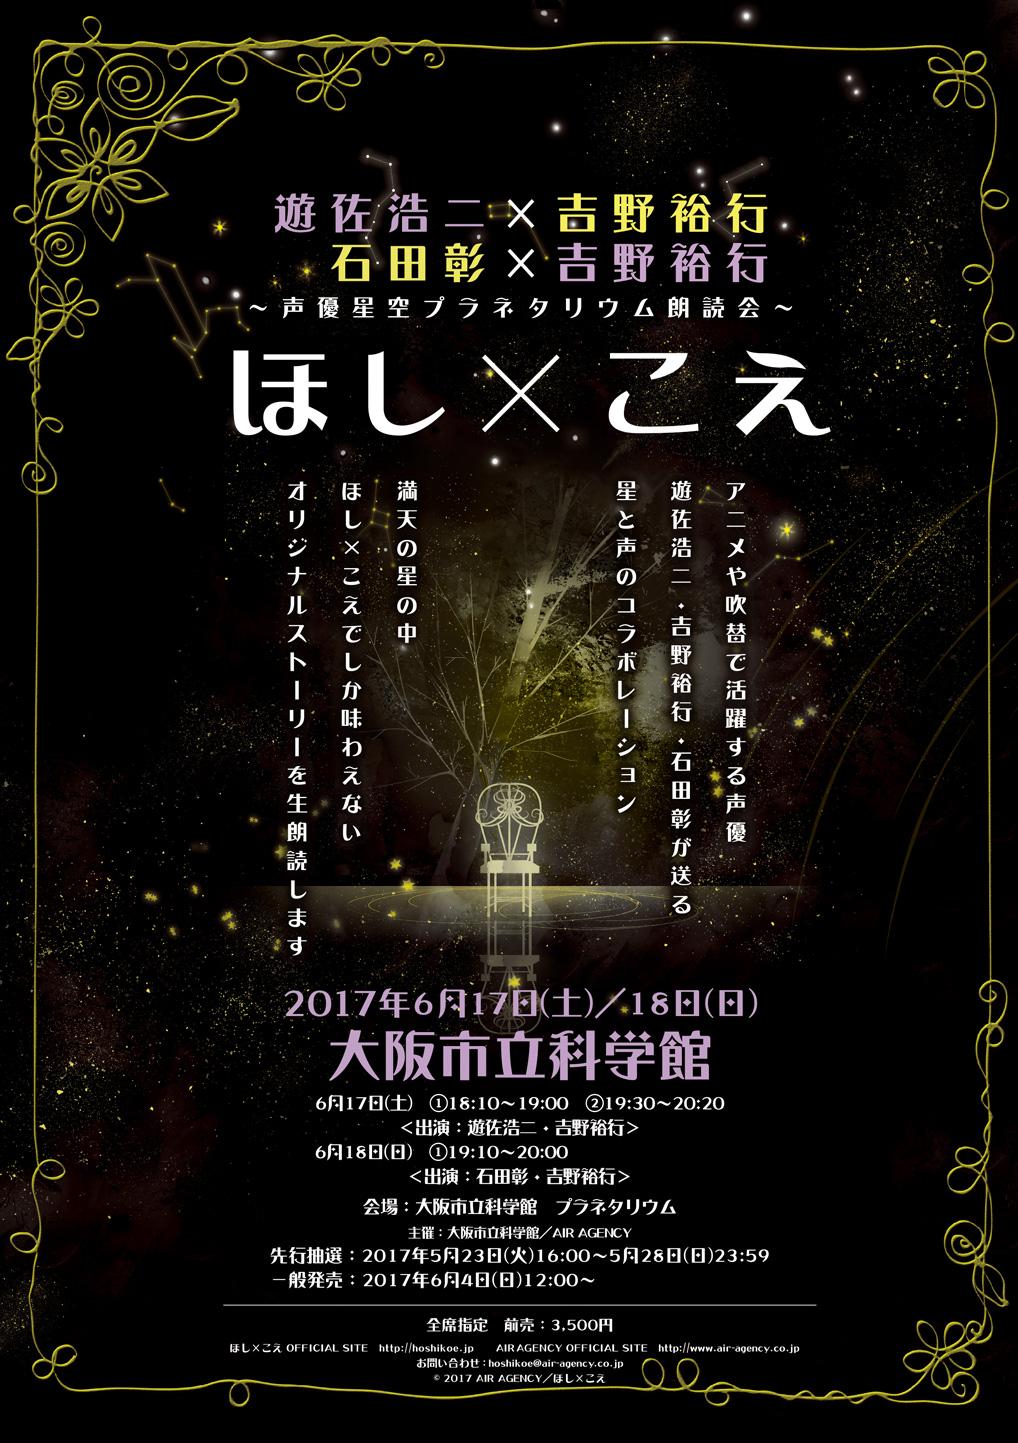 ほし×こえ【遊佐浩二×吉野裕行×石田彰】大阪公演